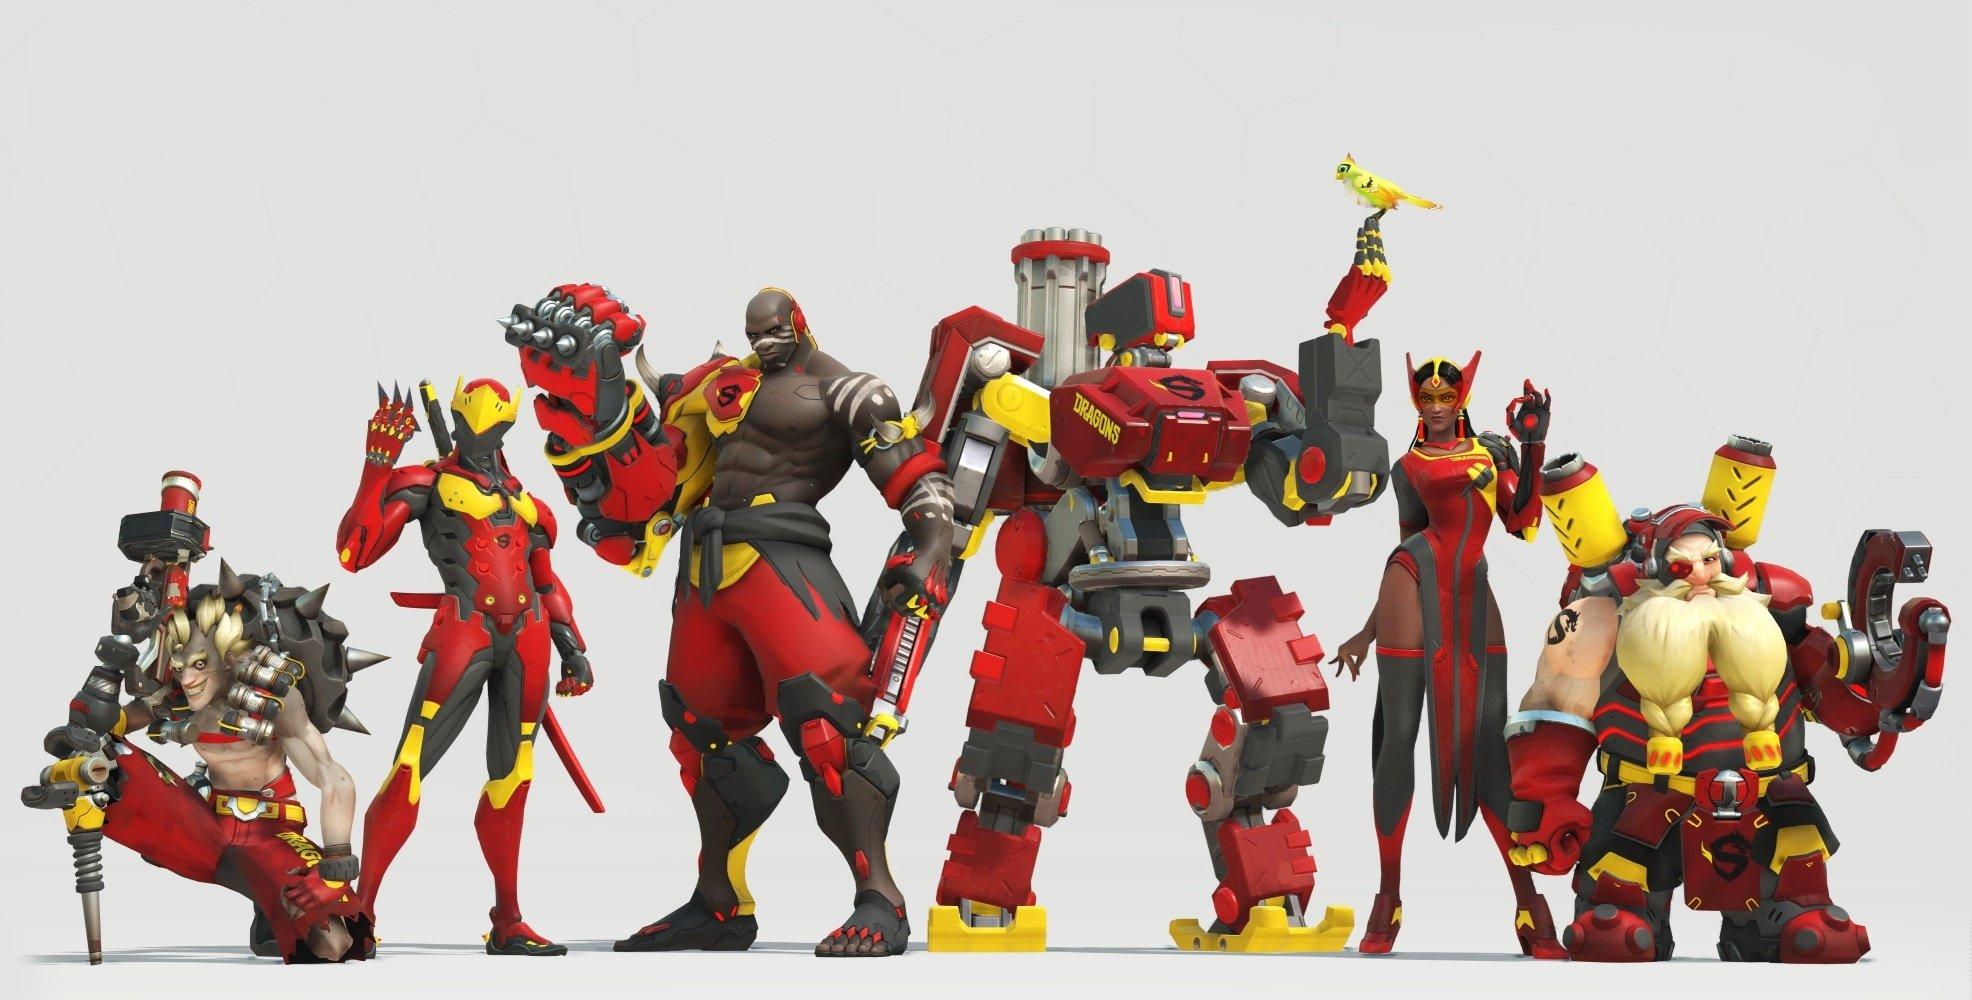 Skins Overwatch Shangai Dragons